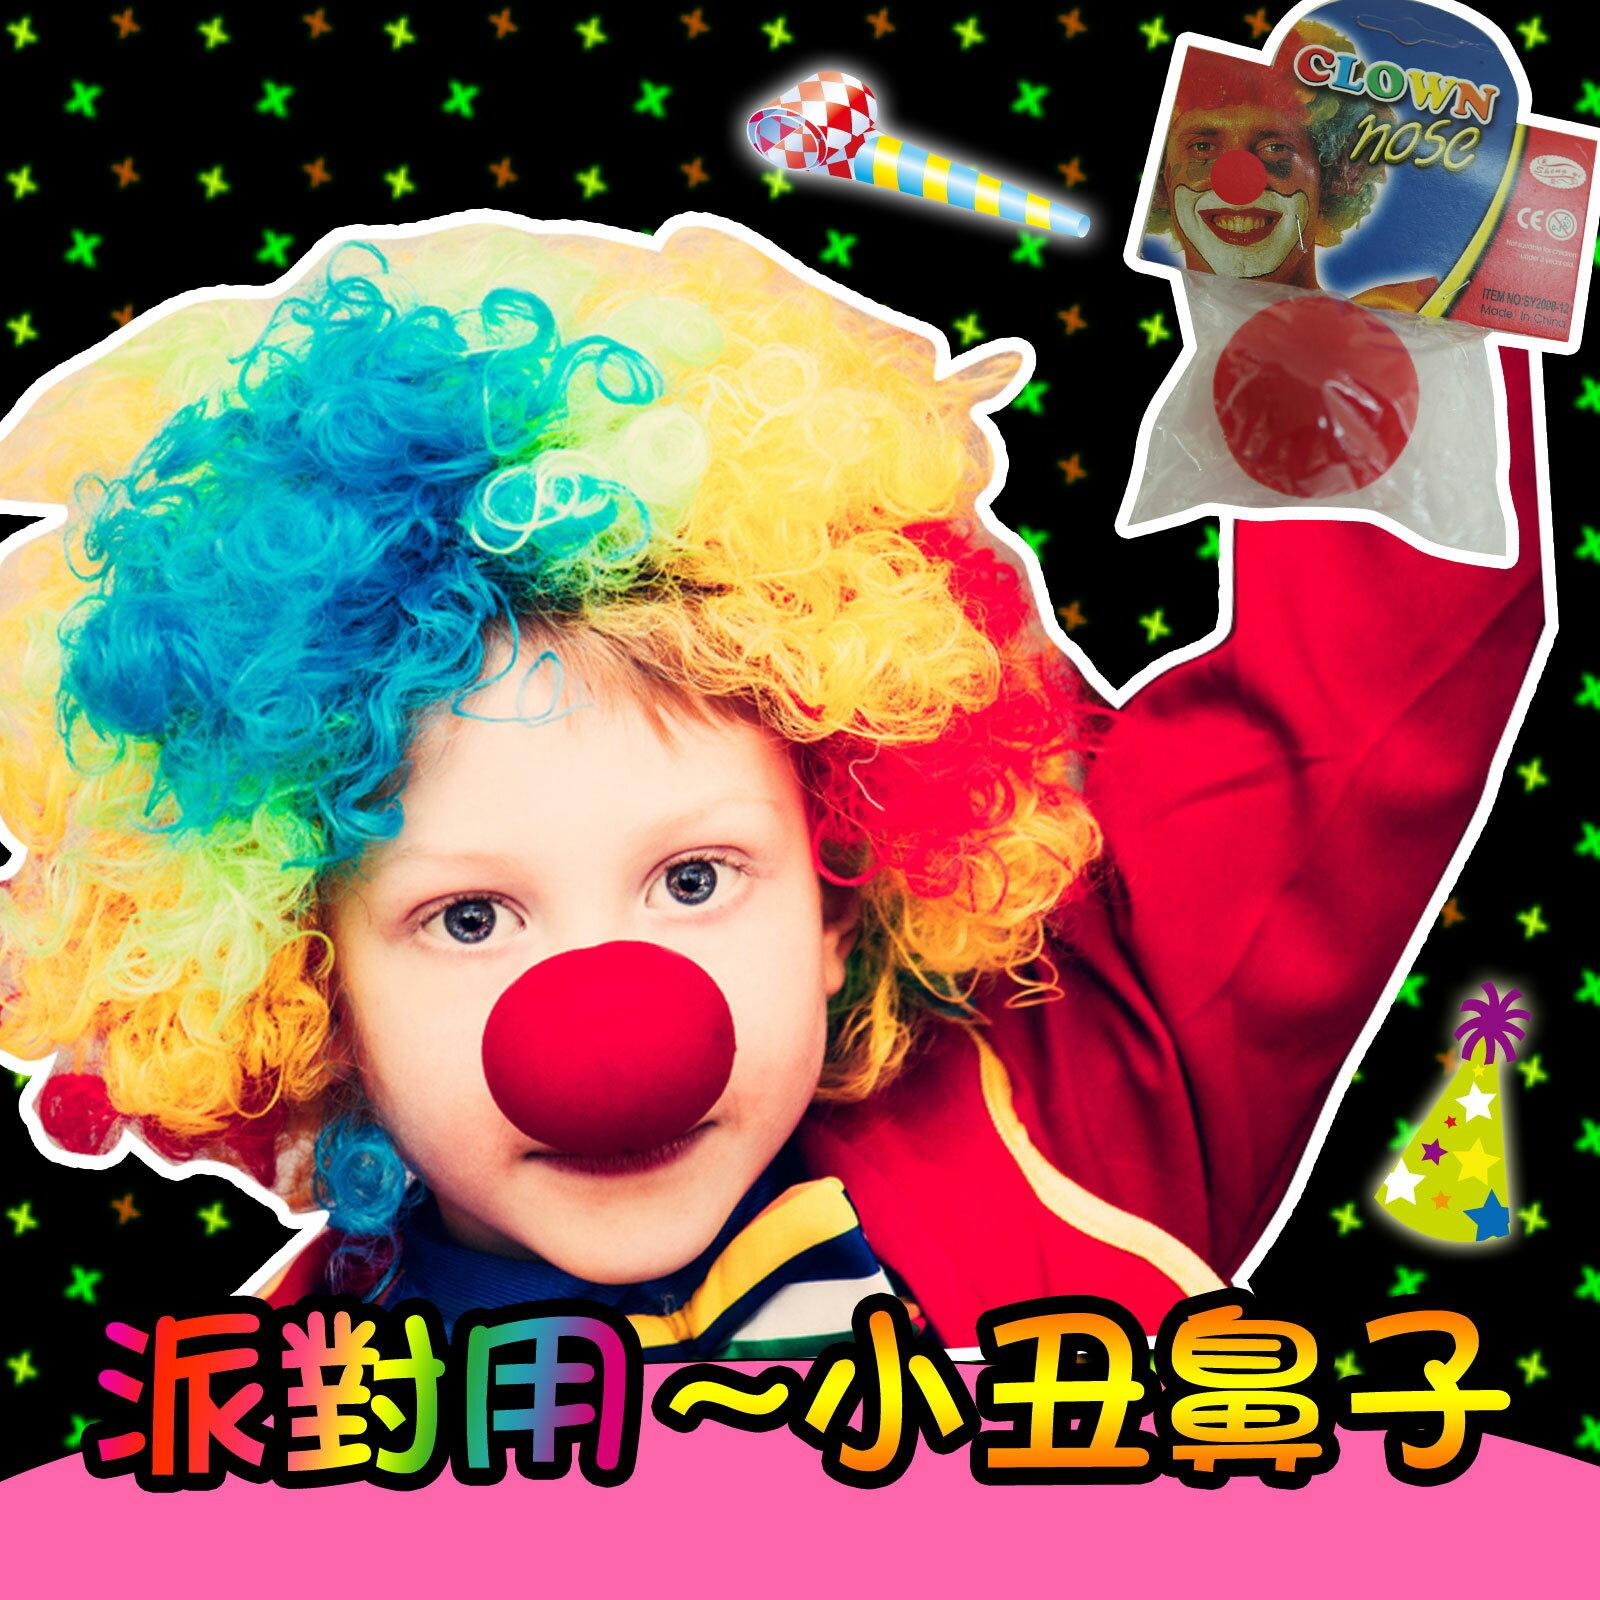 萬聖節聖誕節跨年派對搞笑PARTY【POP02】派對用~小丑鼻子☆雙兒網☆ - 限時優惠好康折扣